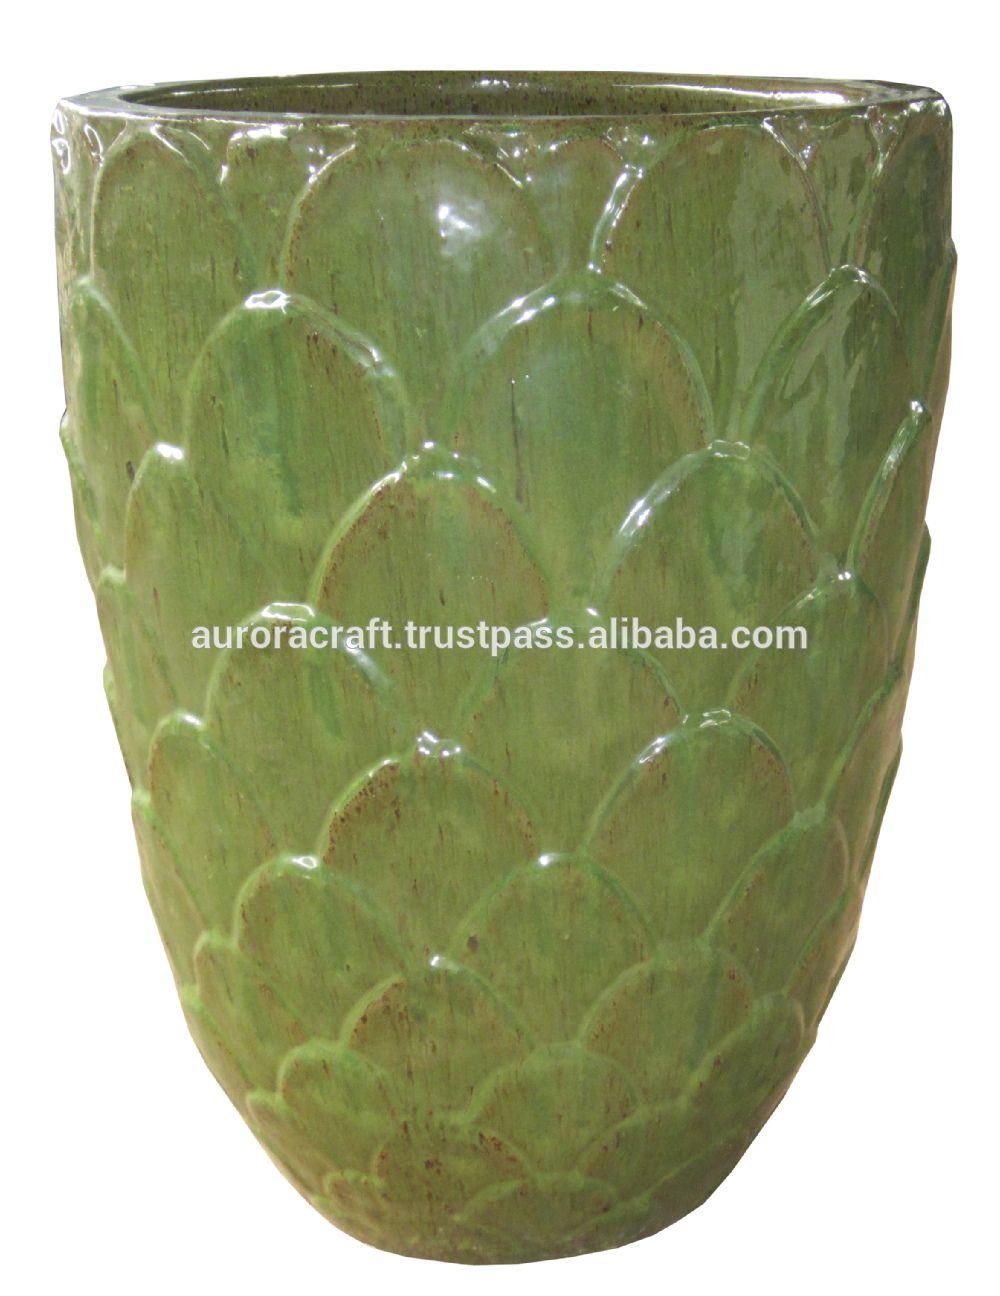 Large Glazed Ceramic Garden Pots.   Buy Large Ceramic Flower Pots,Glazed  Pottery Pots,Large Outdoor Glazed Ceramic Pot Product On Alibaba.com